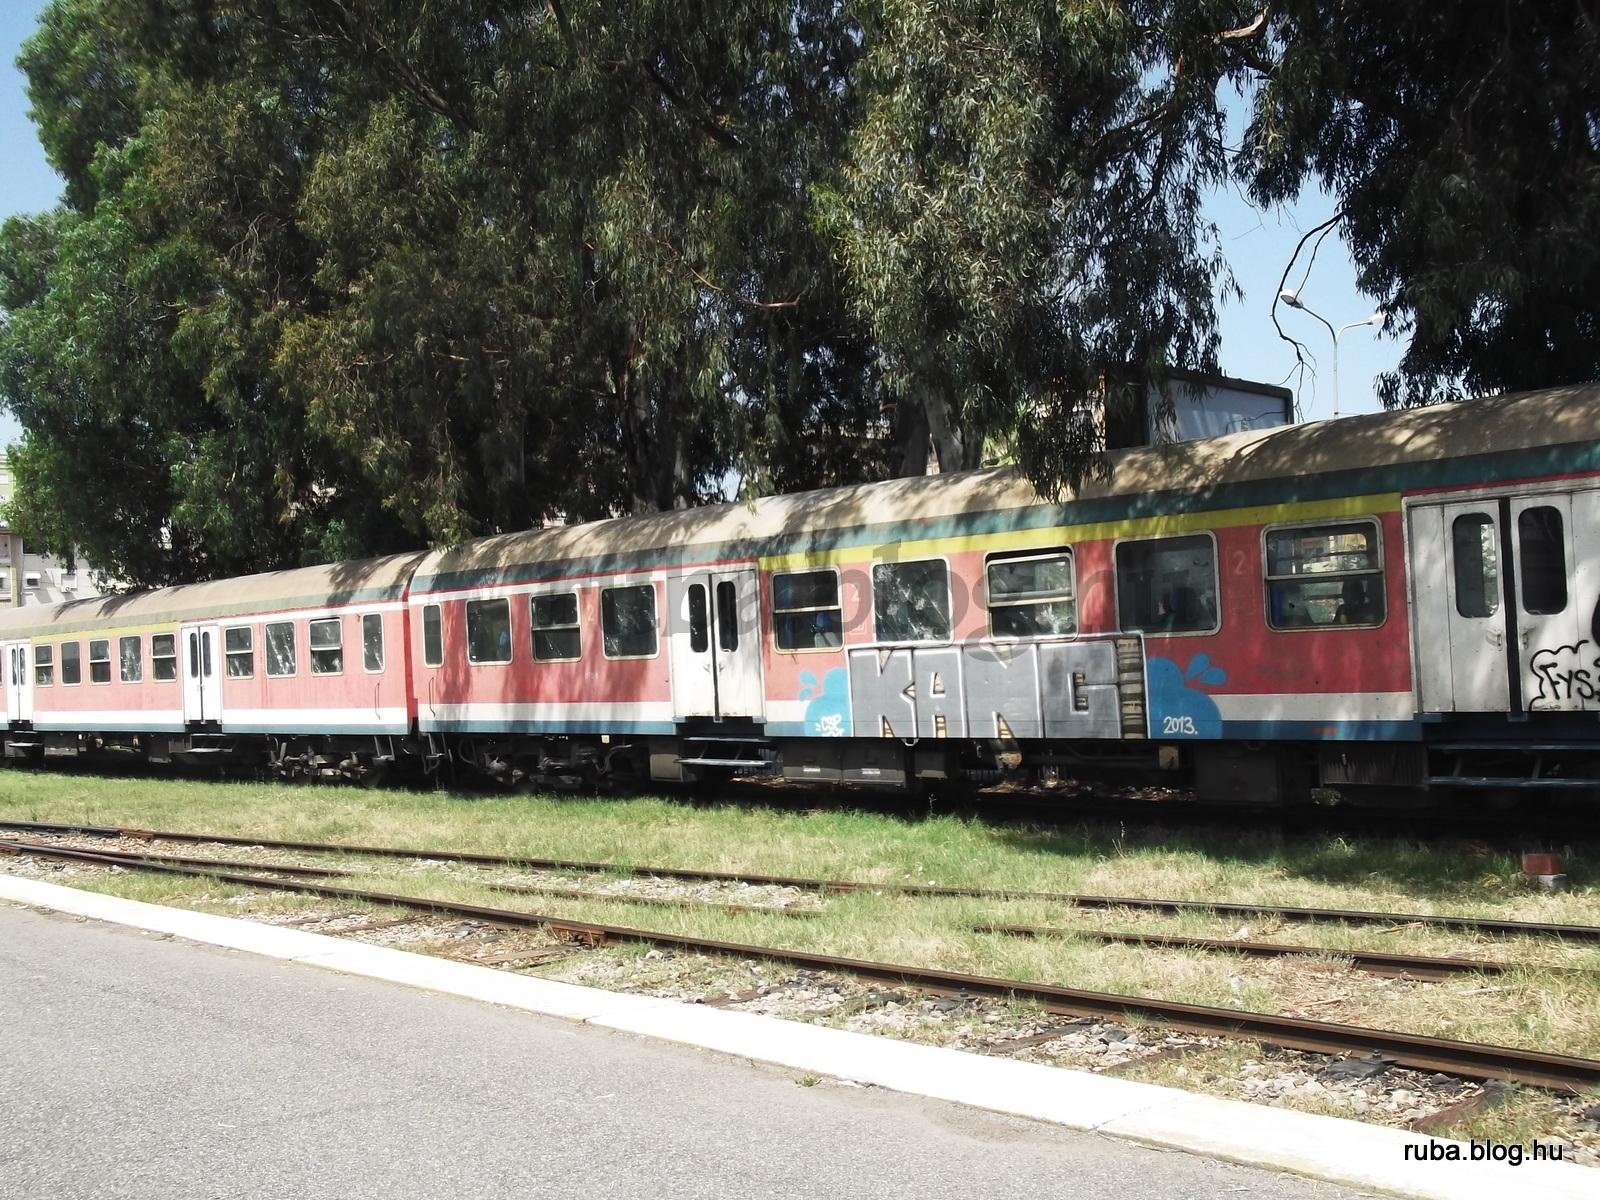 06-dscf7756.JPG